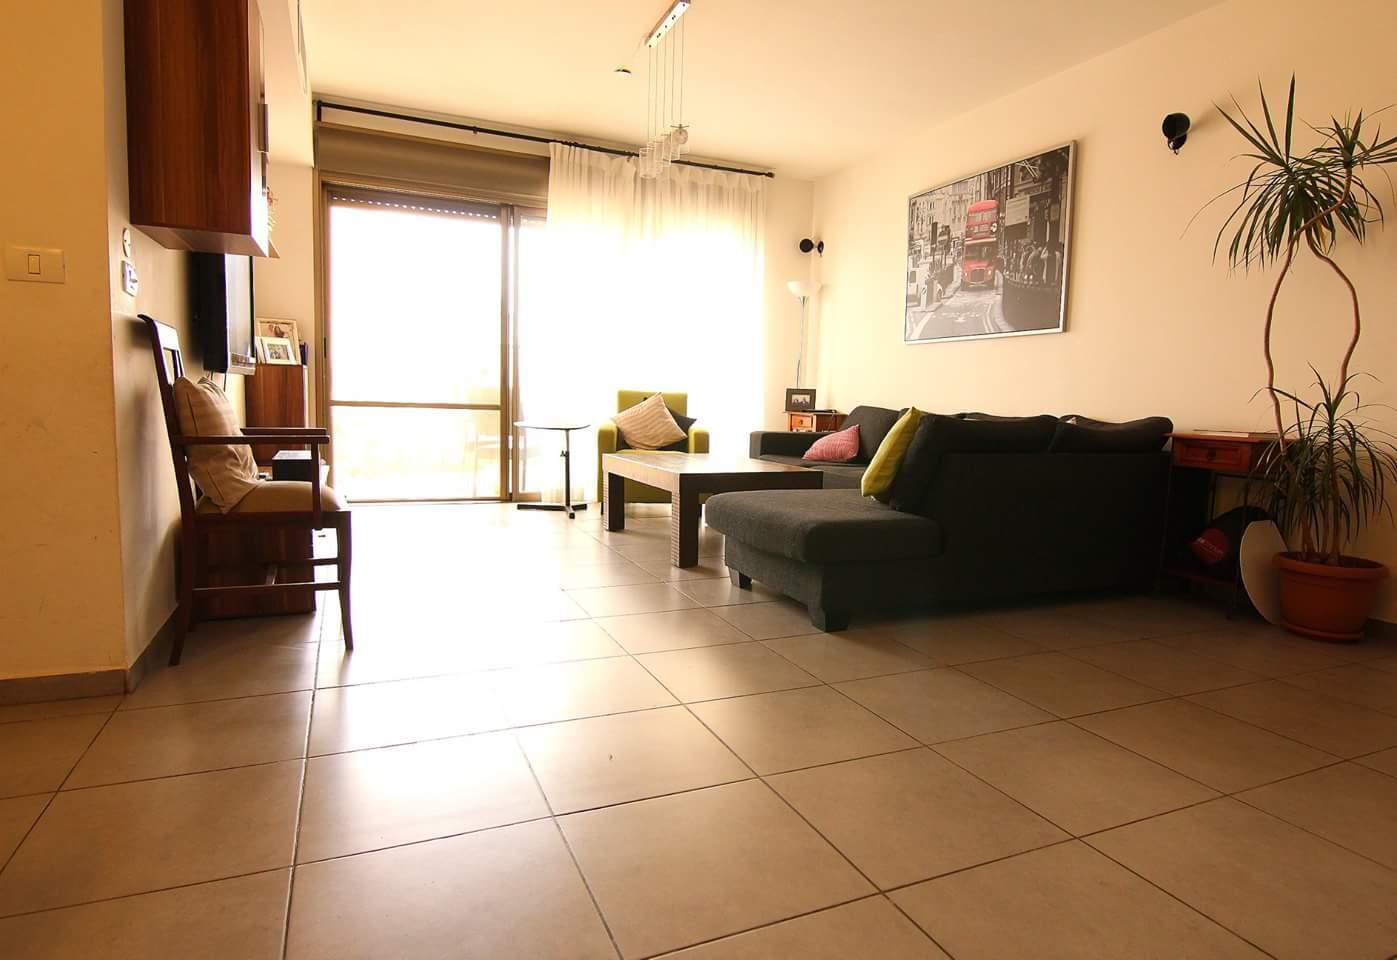 דירת 4 חדרים באם המושבות6